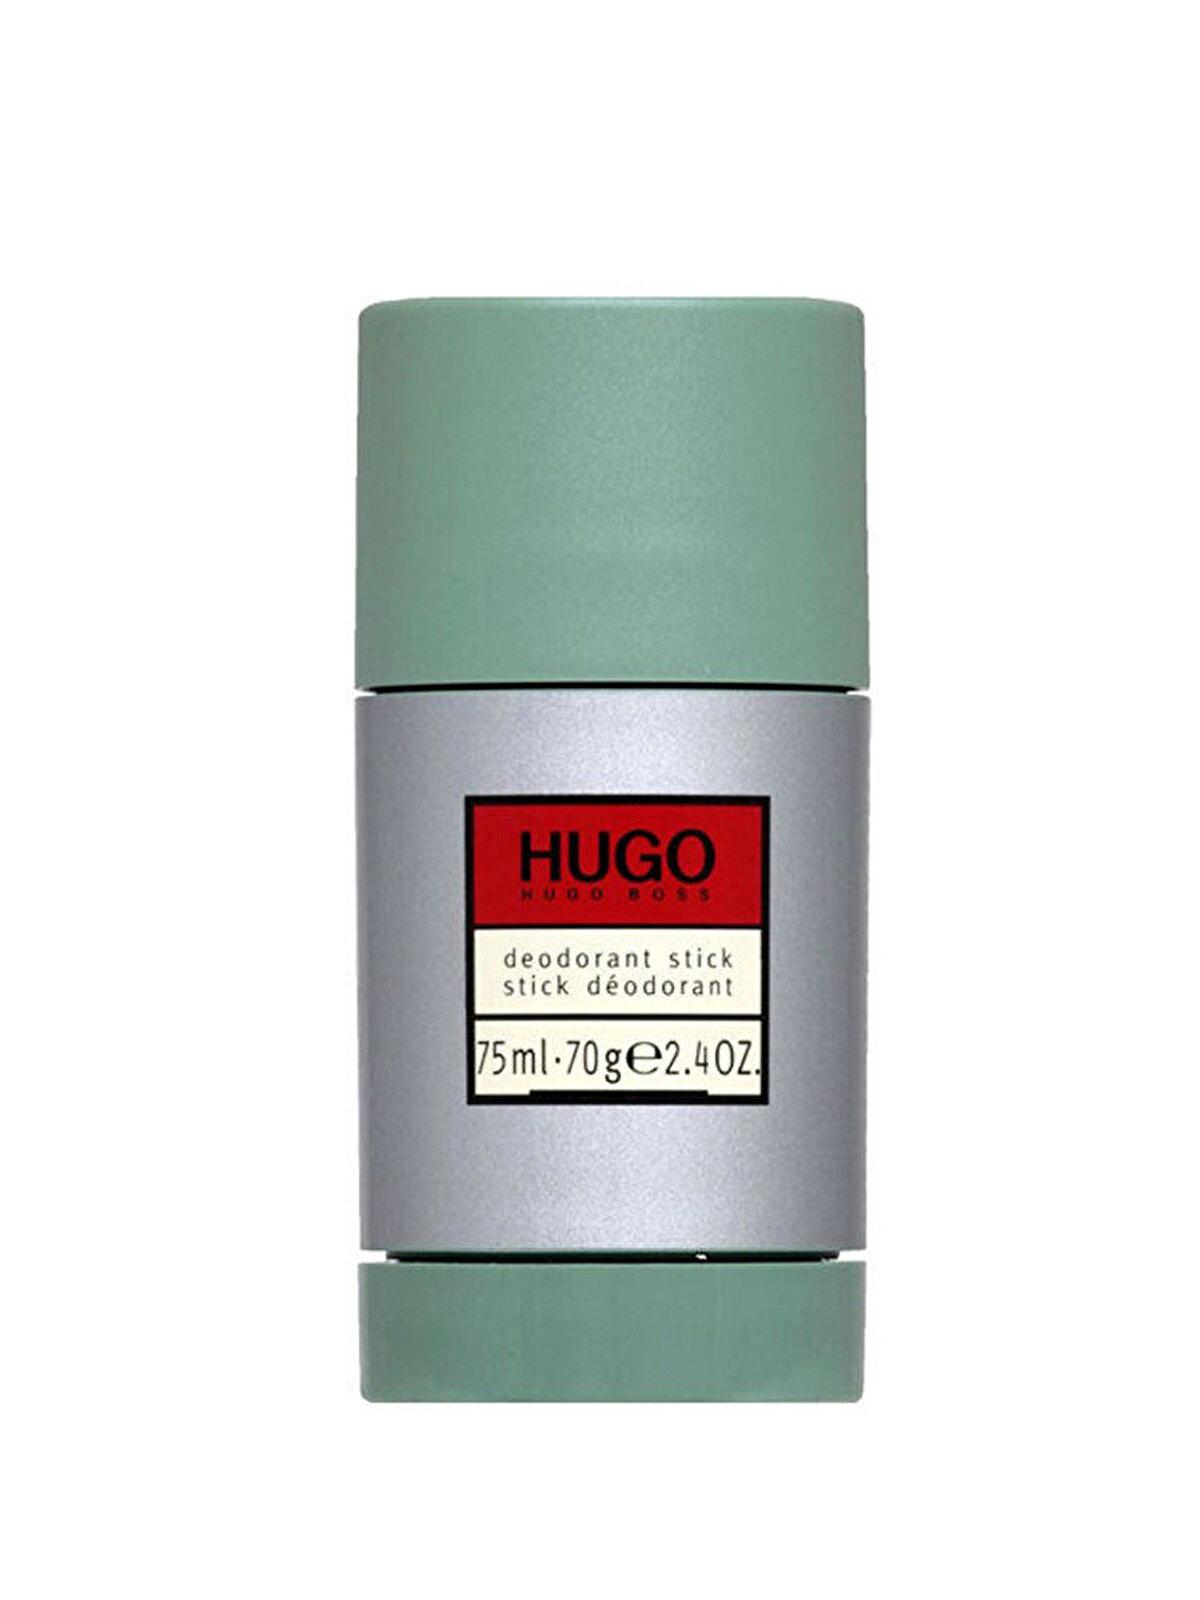 Deodorant stick Hugo, 75 ml, pentru barbati